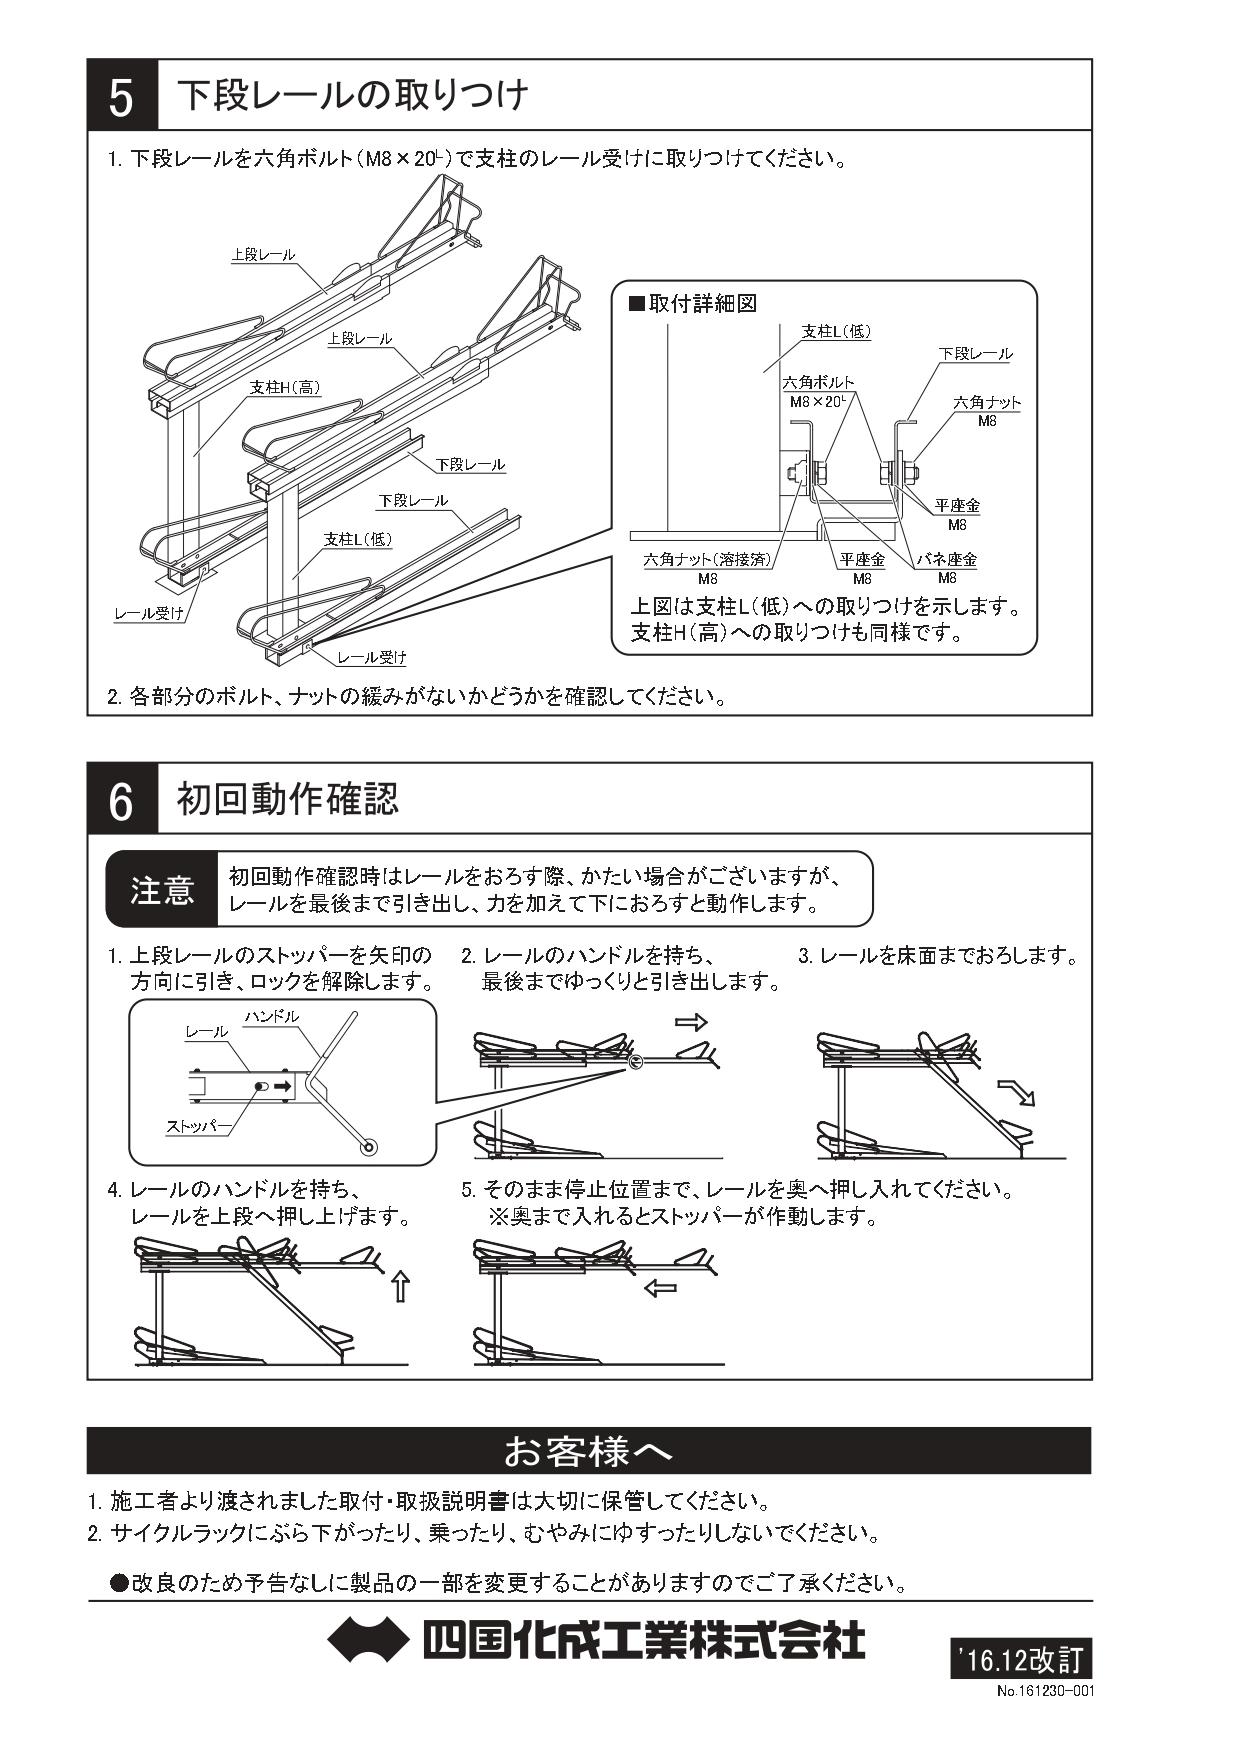 2段式サイクルラック1型 施工説明書_page-0004